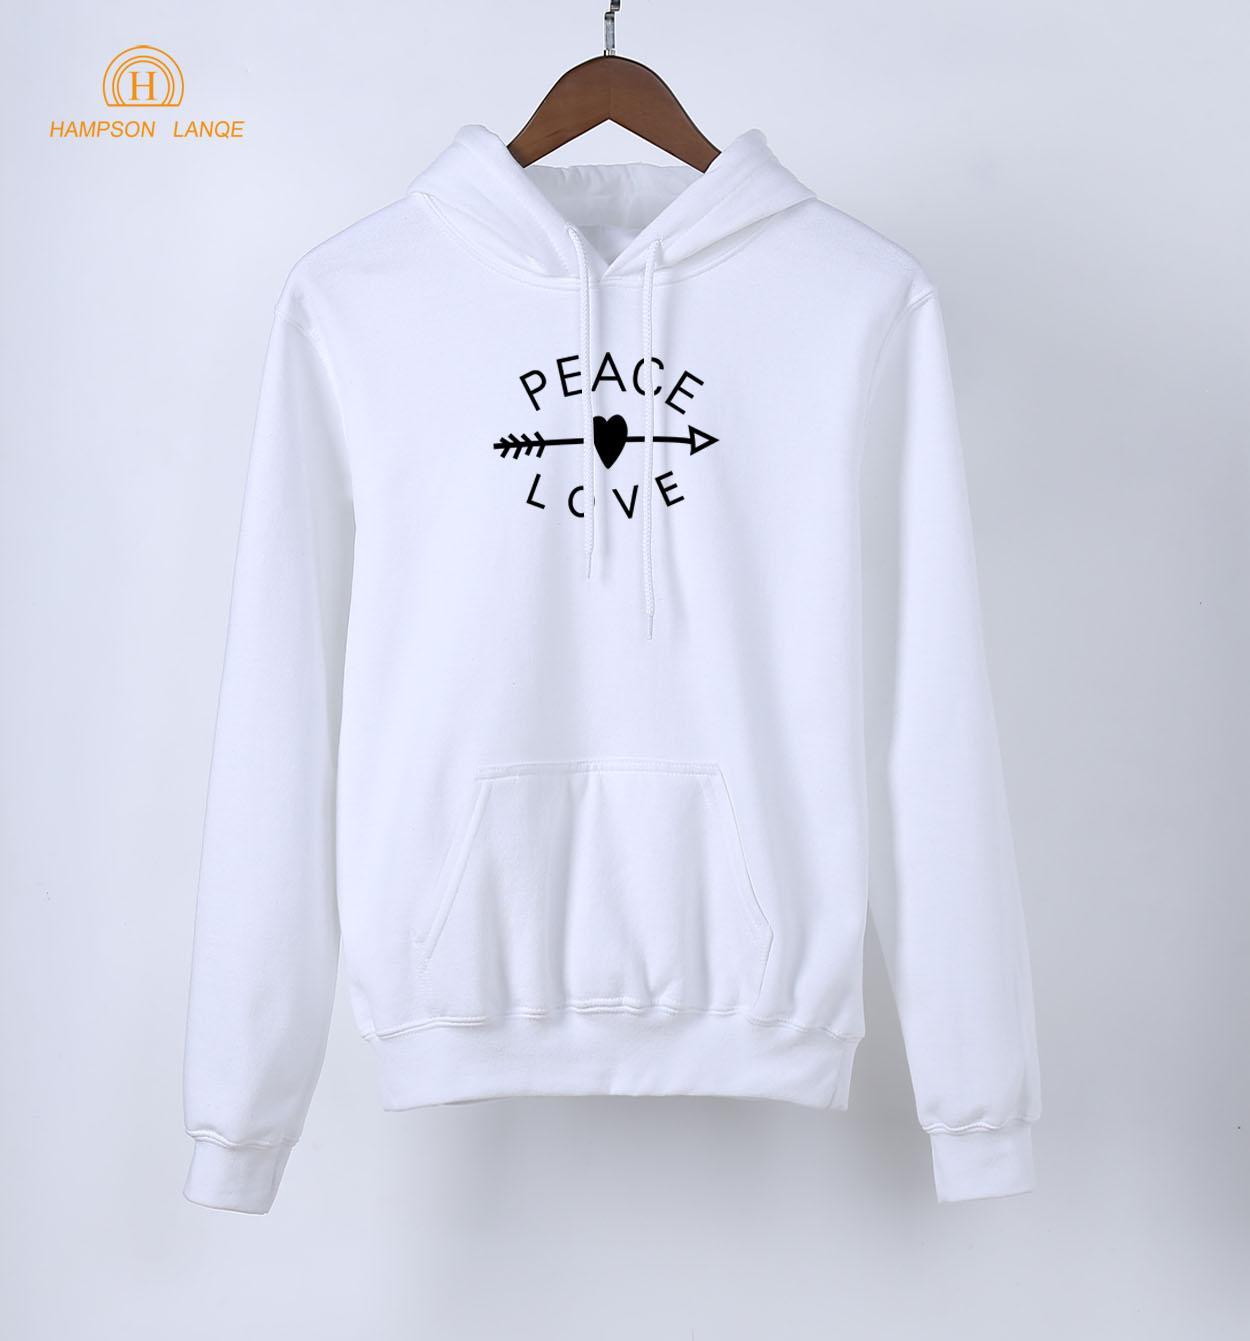 HAMPSON LANQE Frieden Liebe Kawaii Hoodies Für Mädchen 2018 Frühling Warme Fleece Sweatshirts Frauen Langarm Mit Kapuze Marke Kleidung